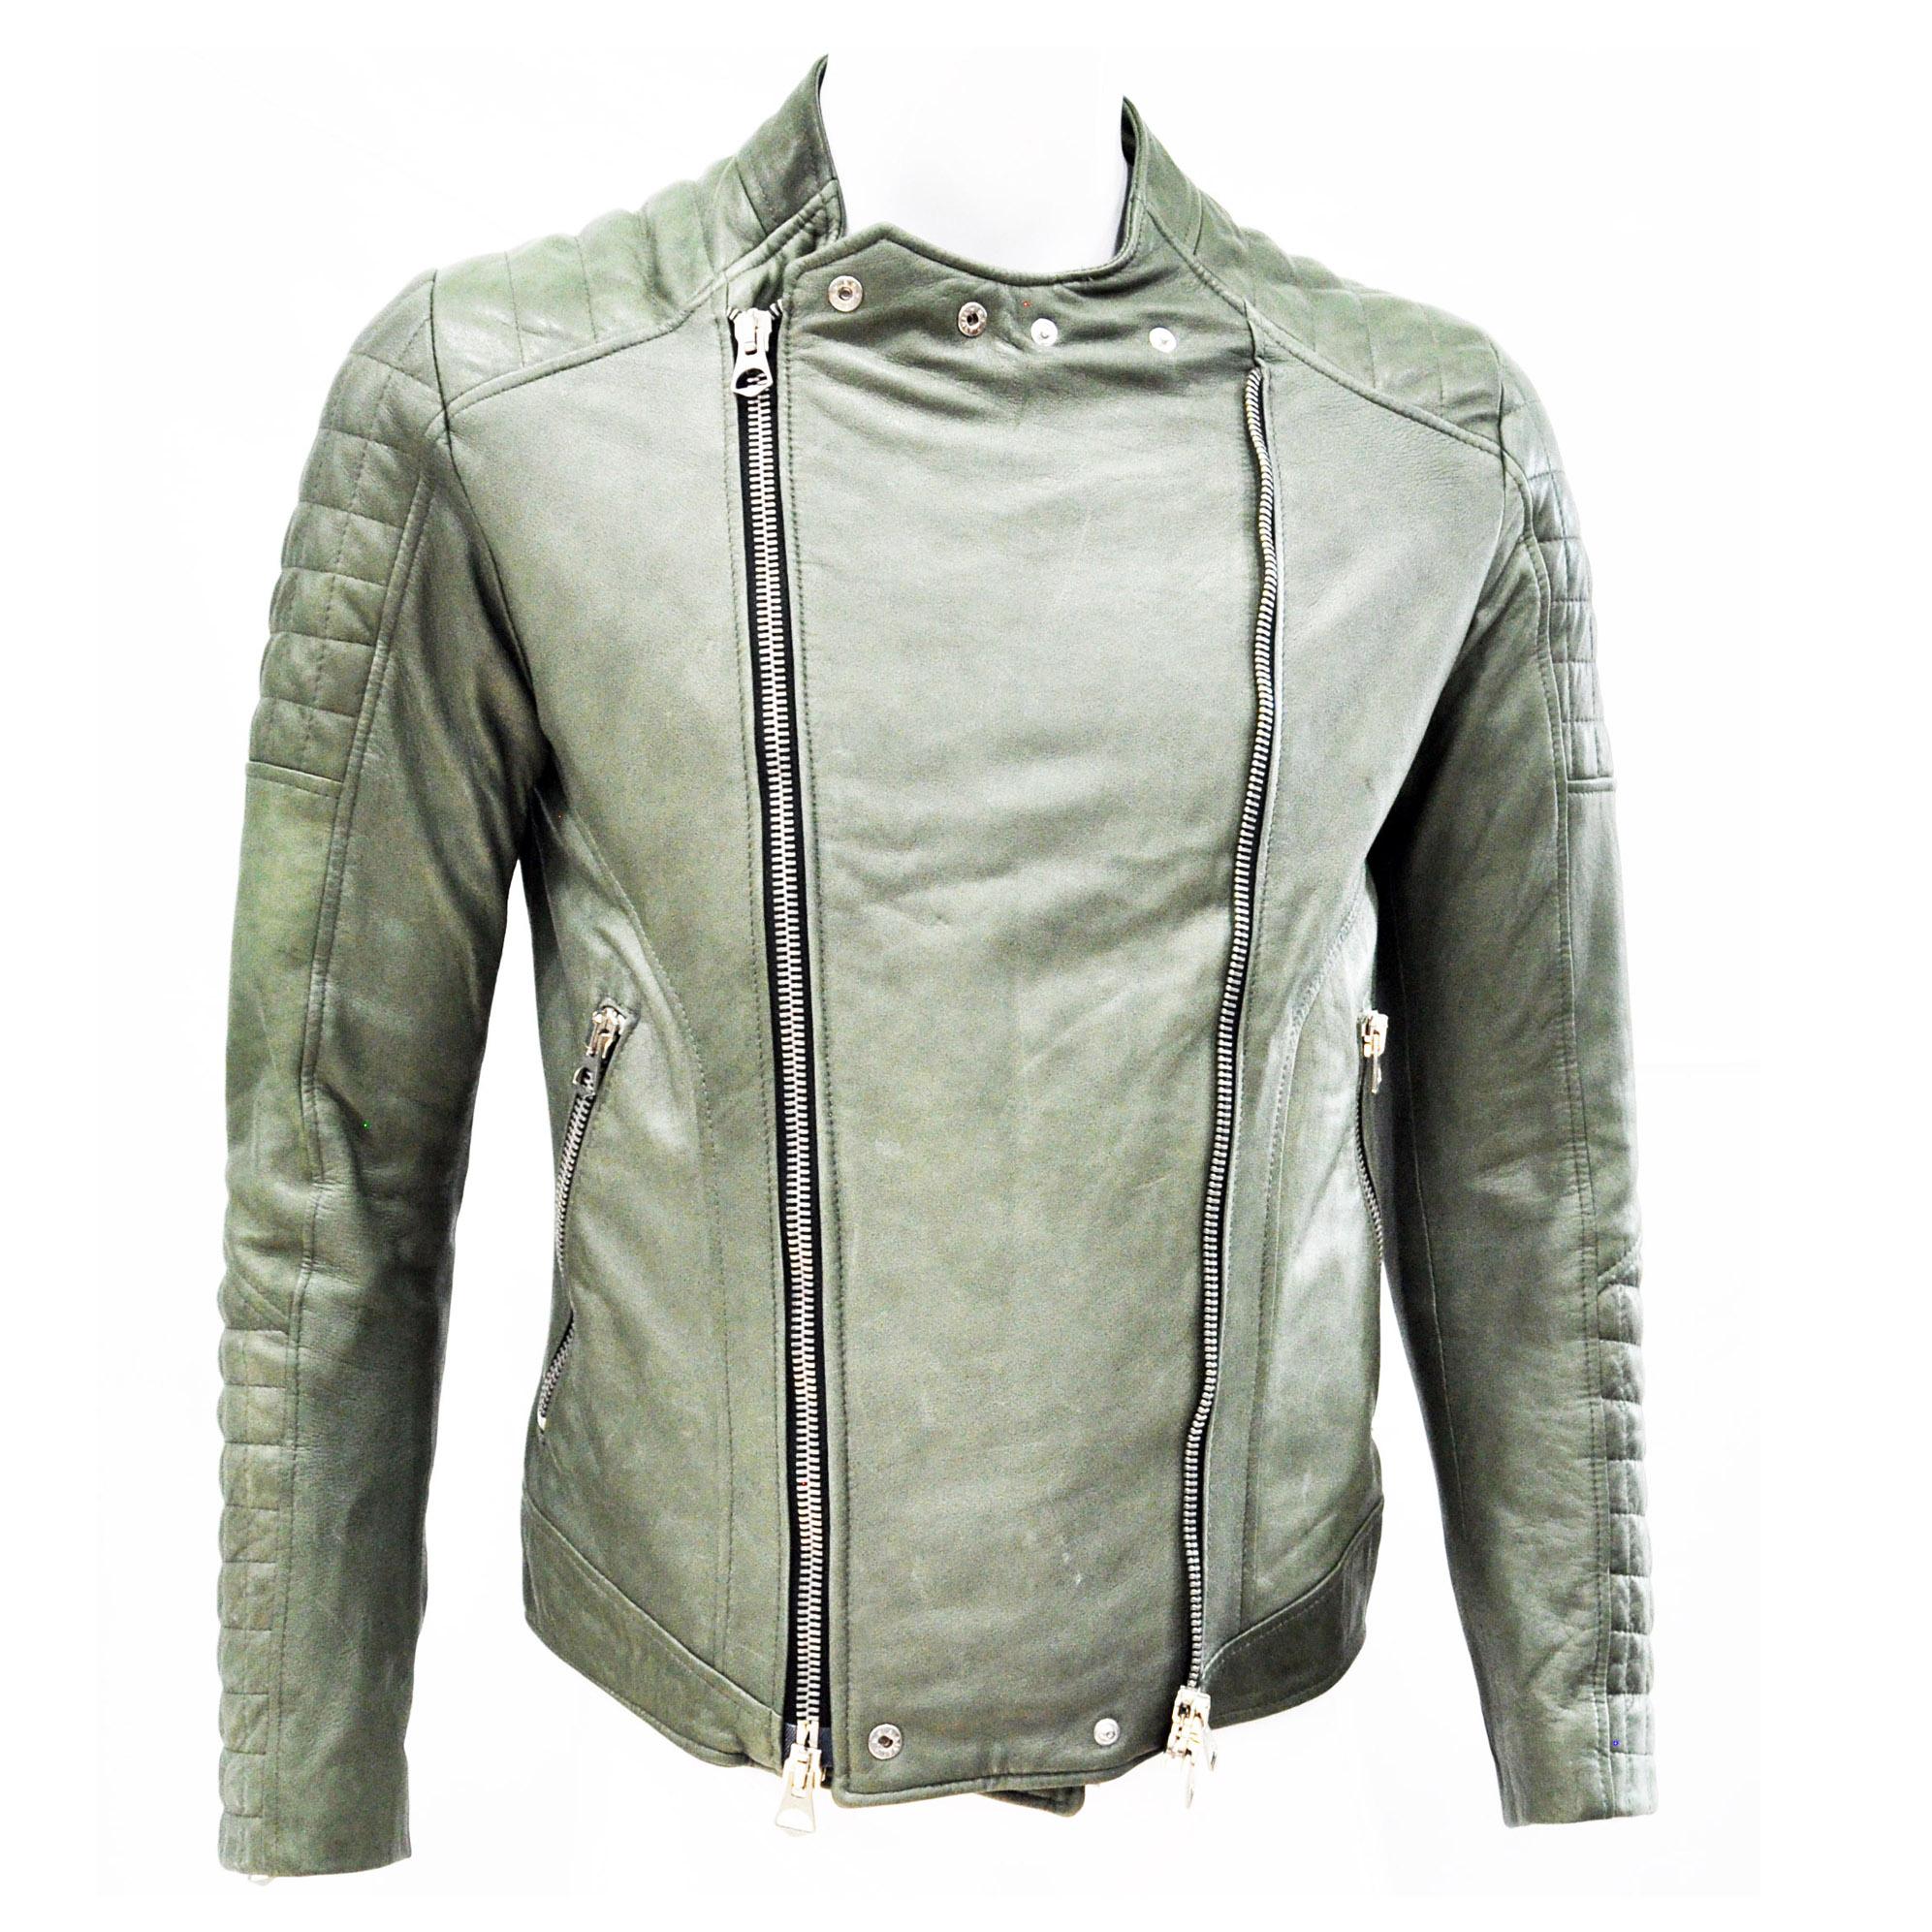 di da scegliere Curge giacca Come pelle uomo la Ugtqxwn8